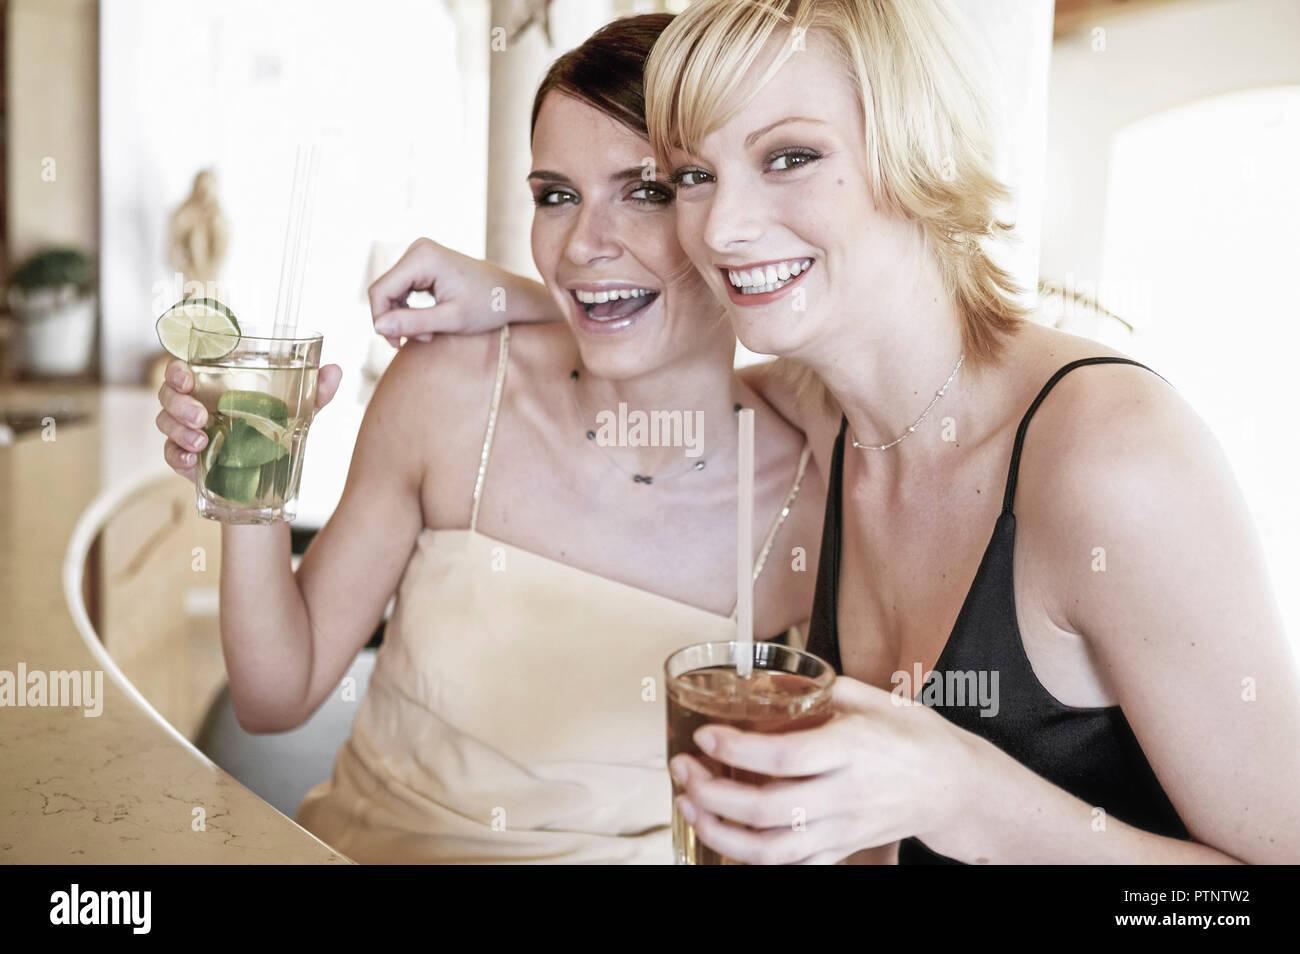 Lesbische Dating-Website new york